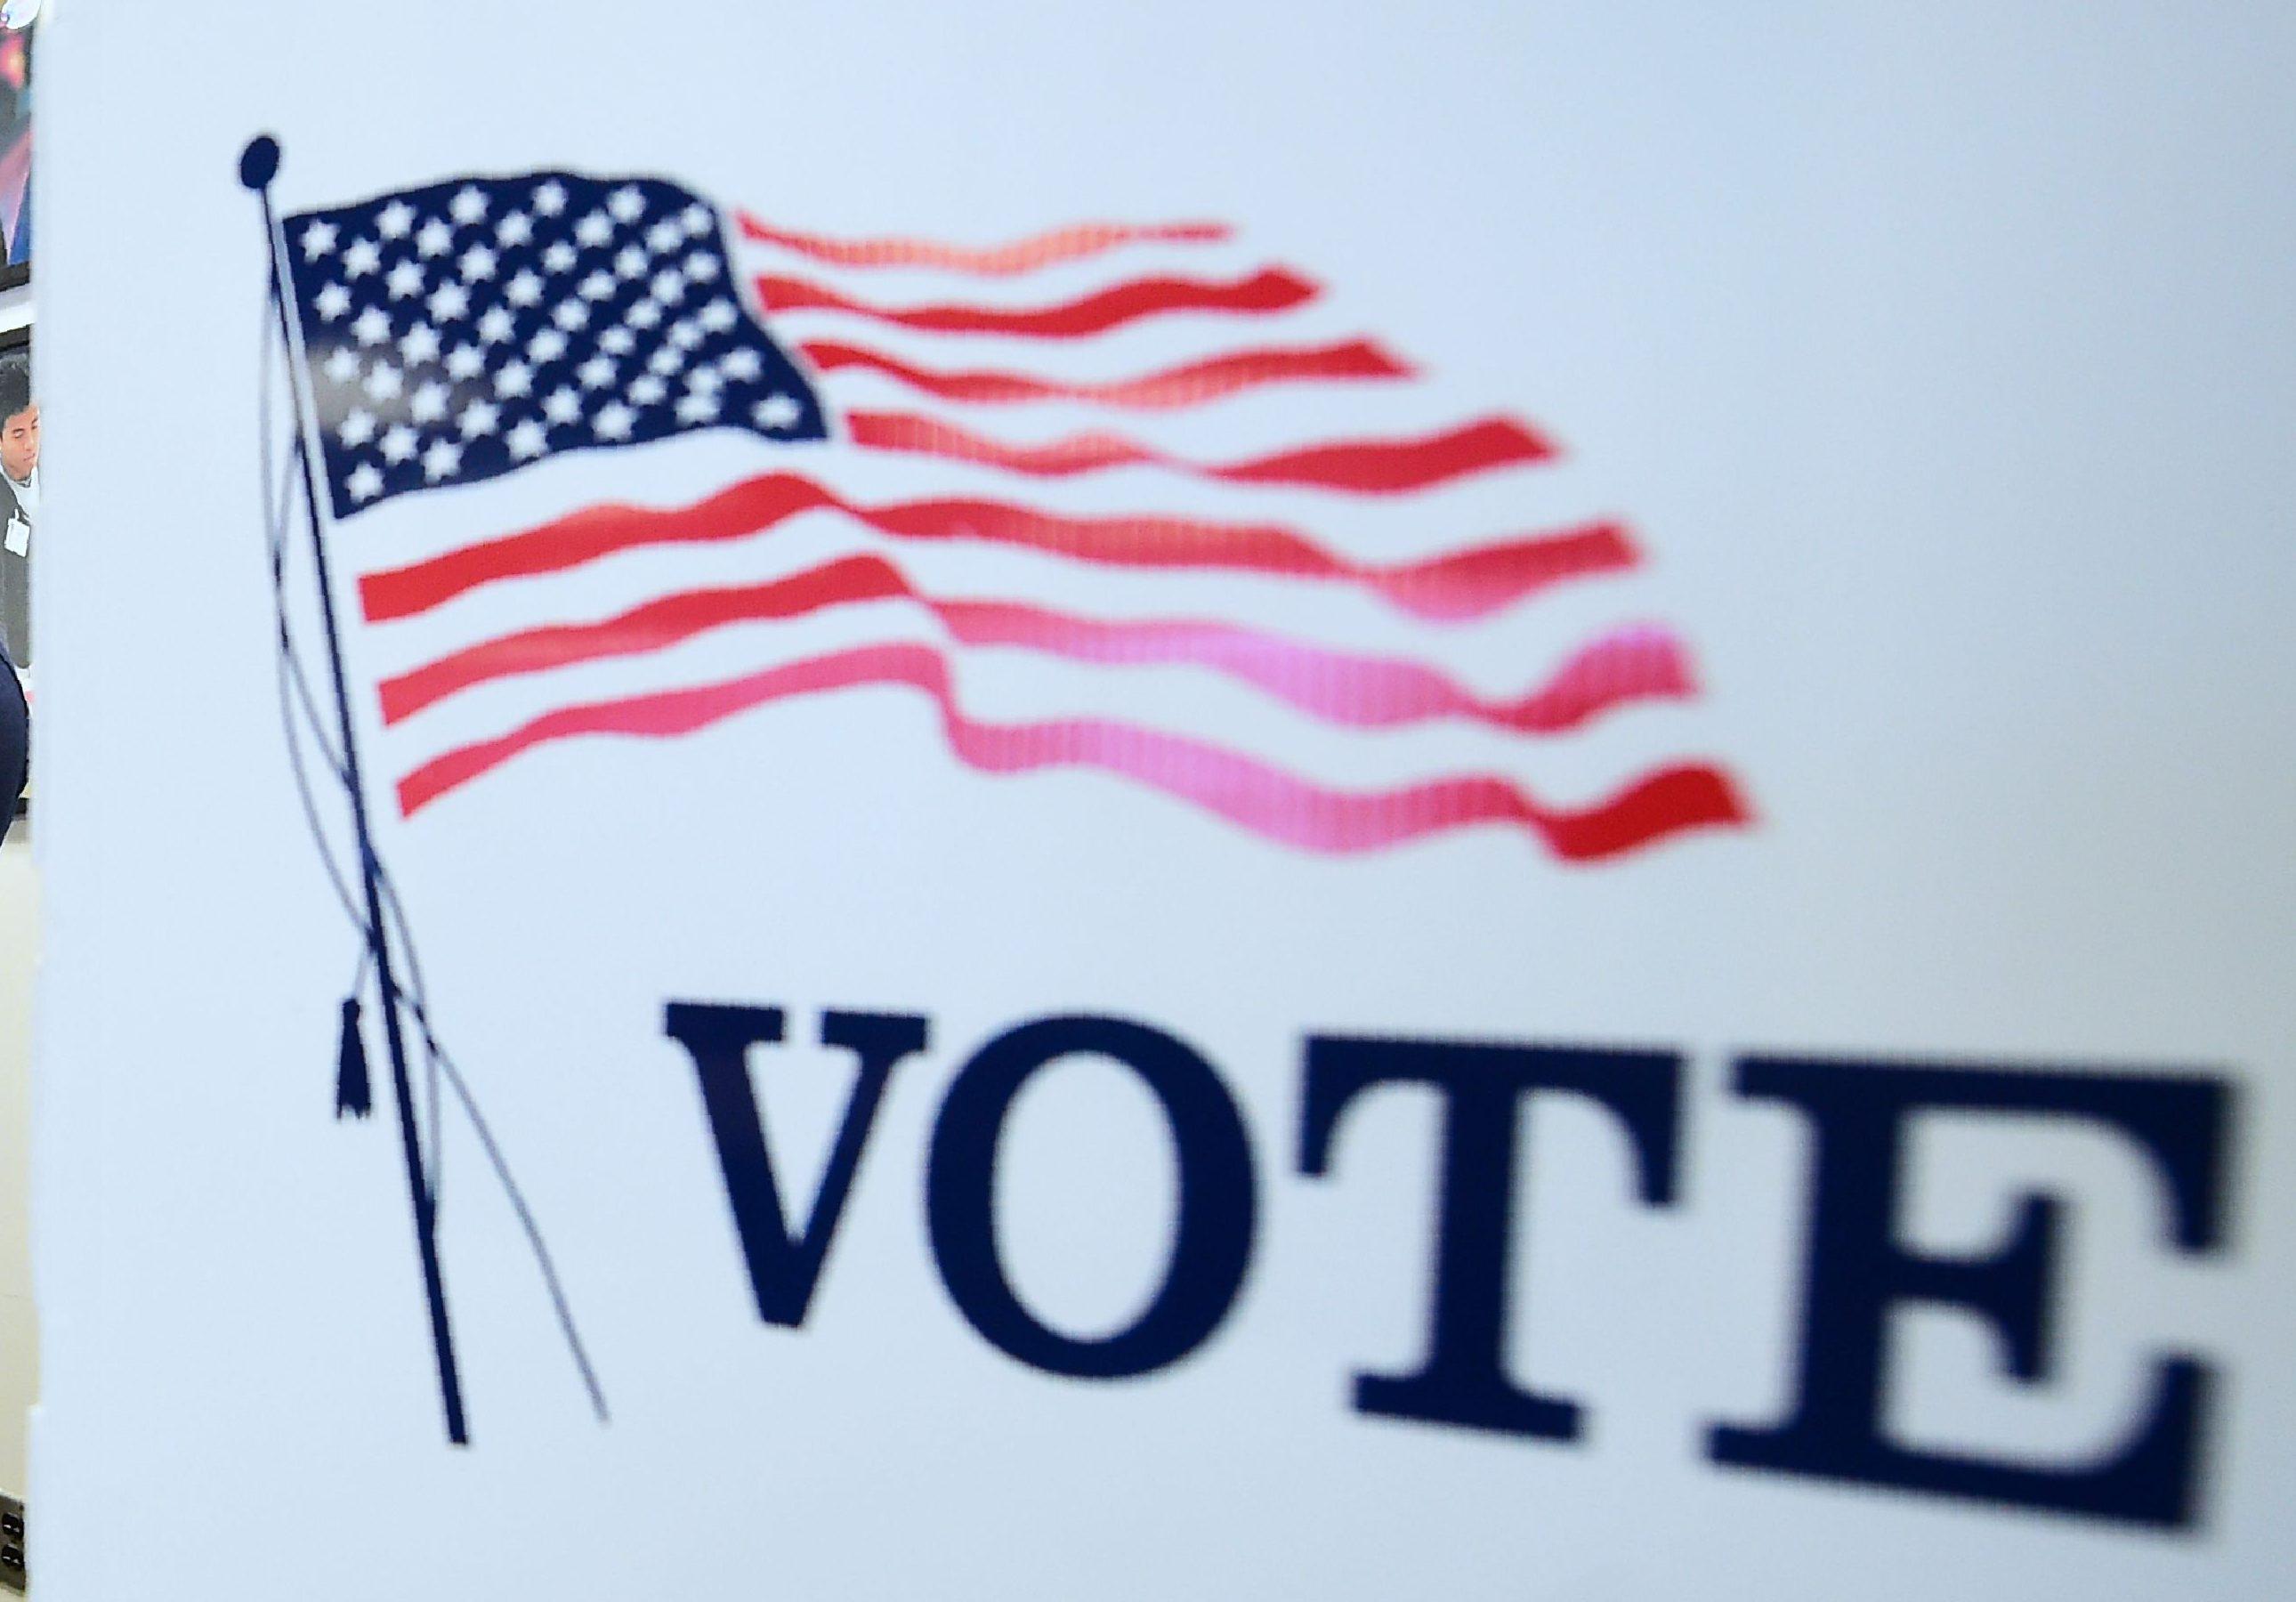 المفوضية الأمريكية: إعلان نتائج الانتخابات الرئاسية قد يستغرق أسبوعا أو أكثر